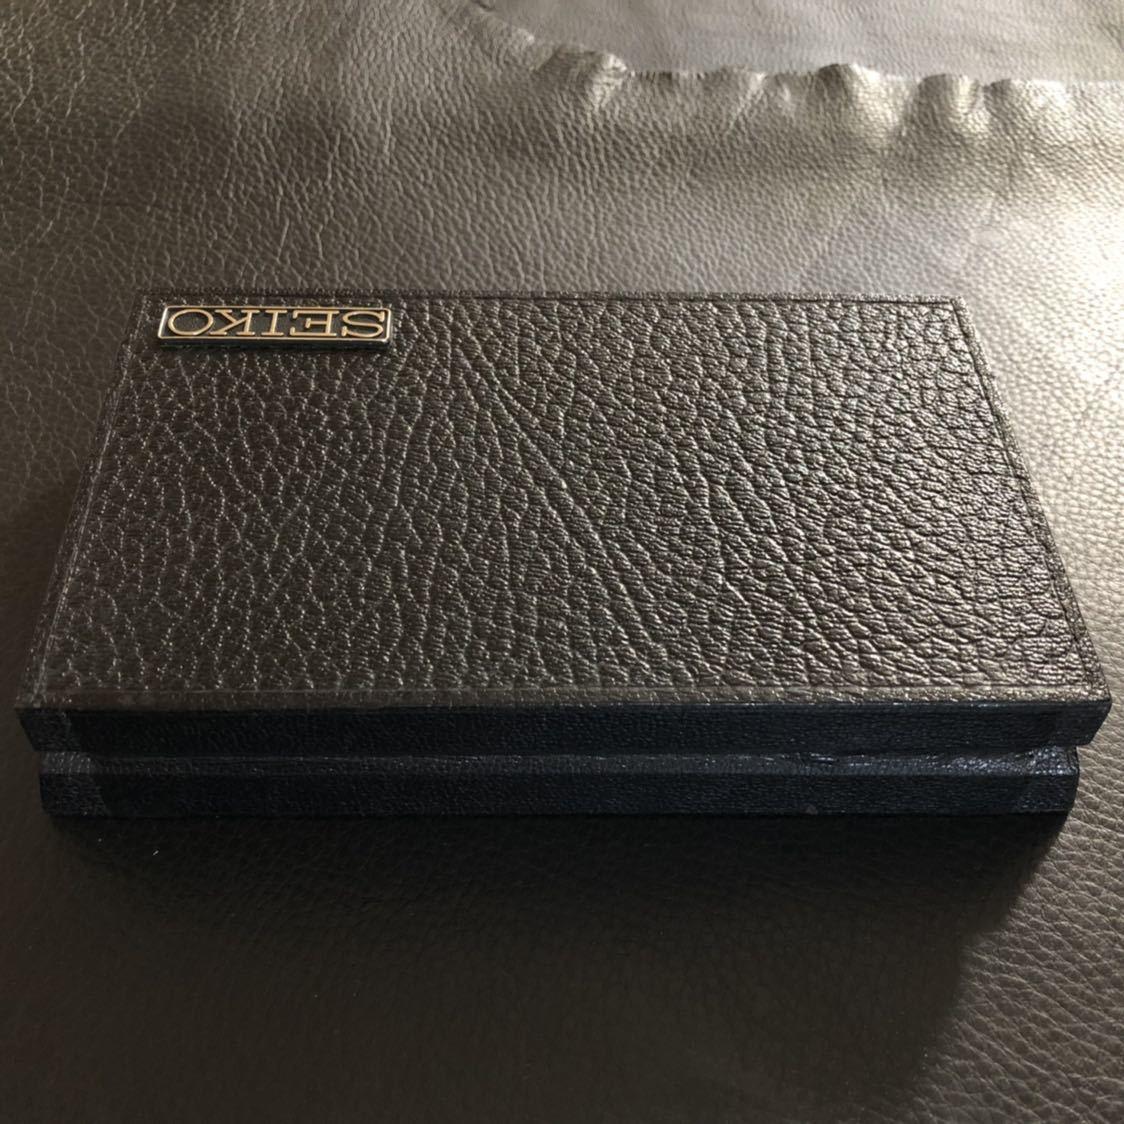 美品 SEIKO クロノメーター専用 腕時計化粧箱 当時物オリジナル品(外箱、敷地シート無し)_画像8